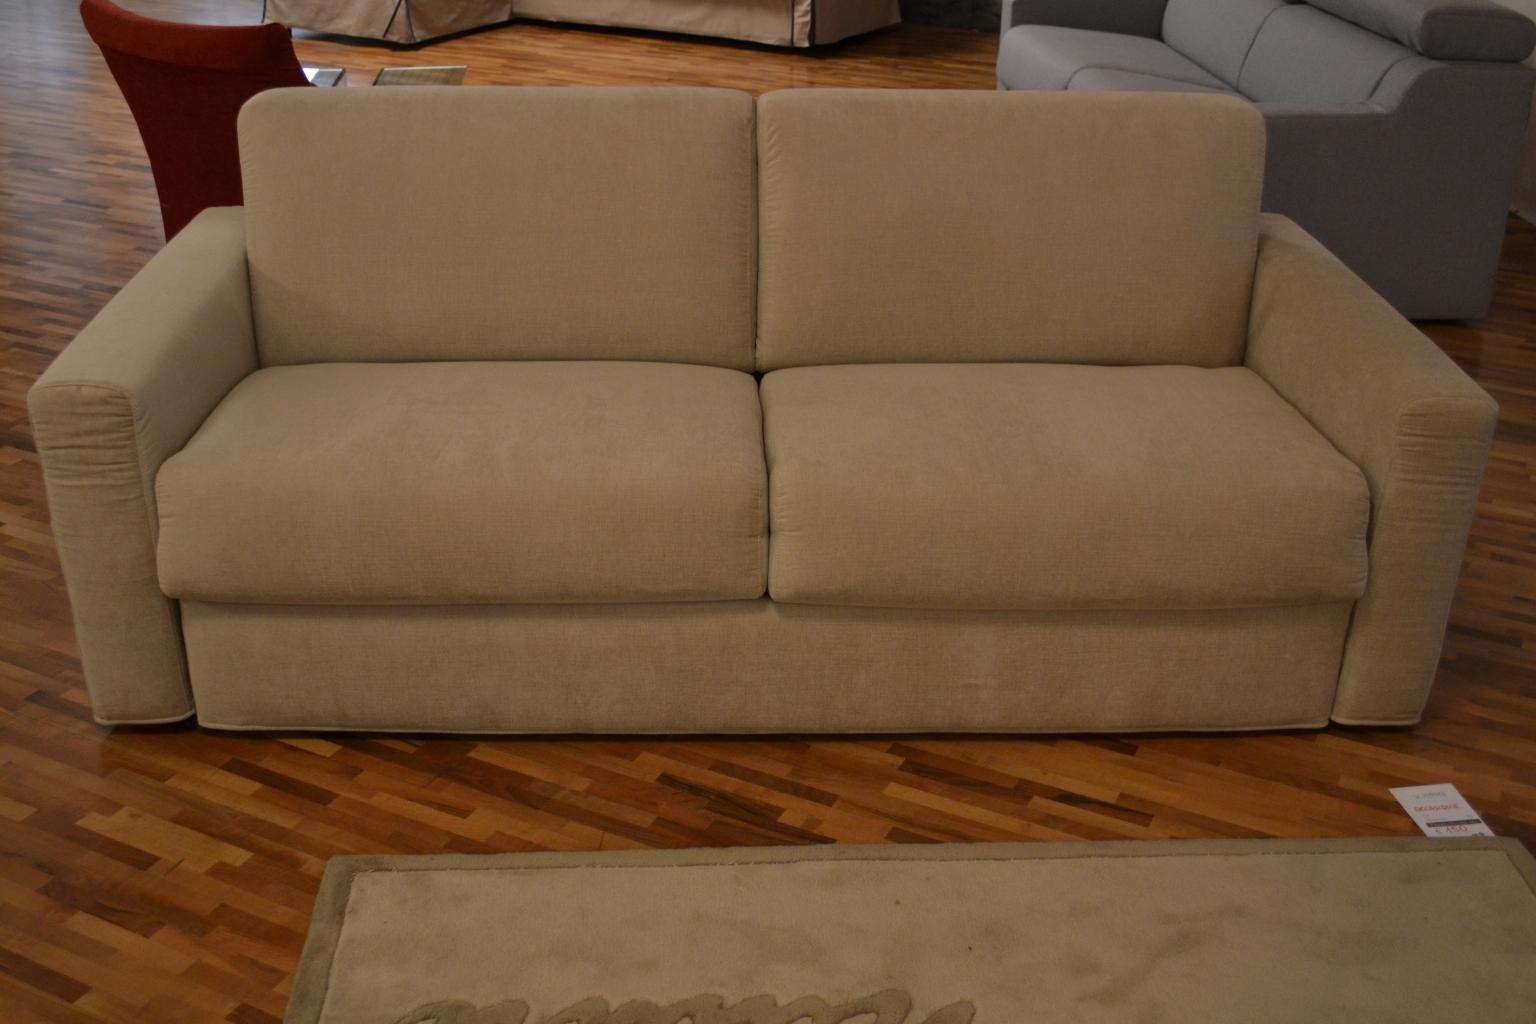 Divano letto kendo offerta divani a prezzi scontati for Divano letto angolare offerta